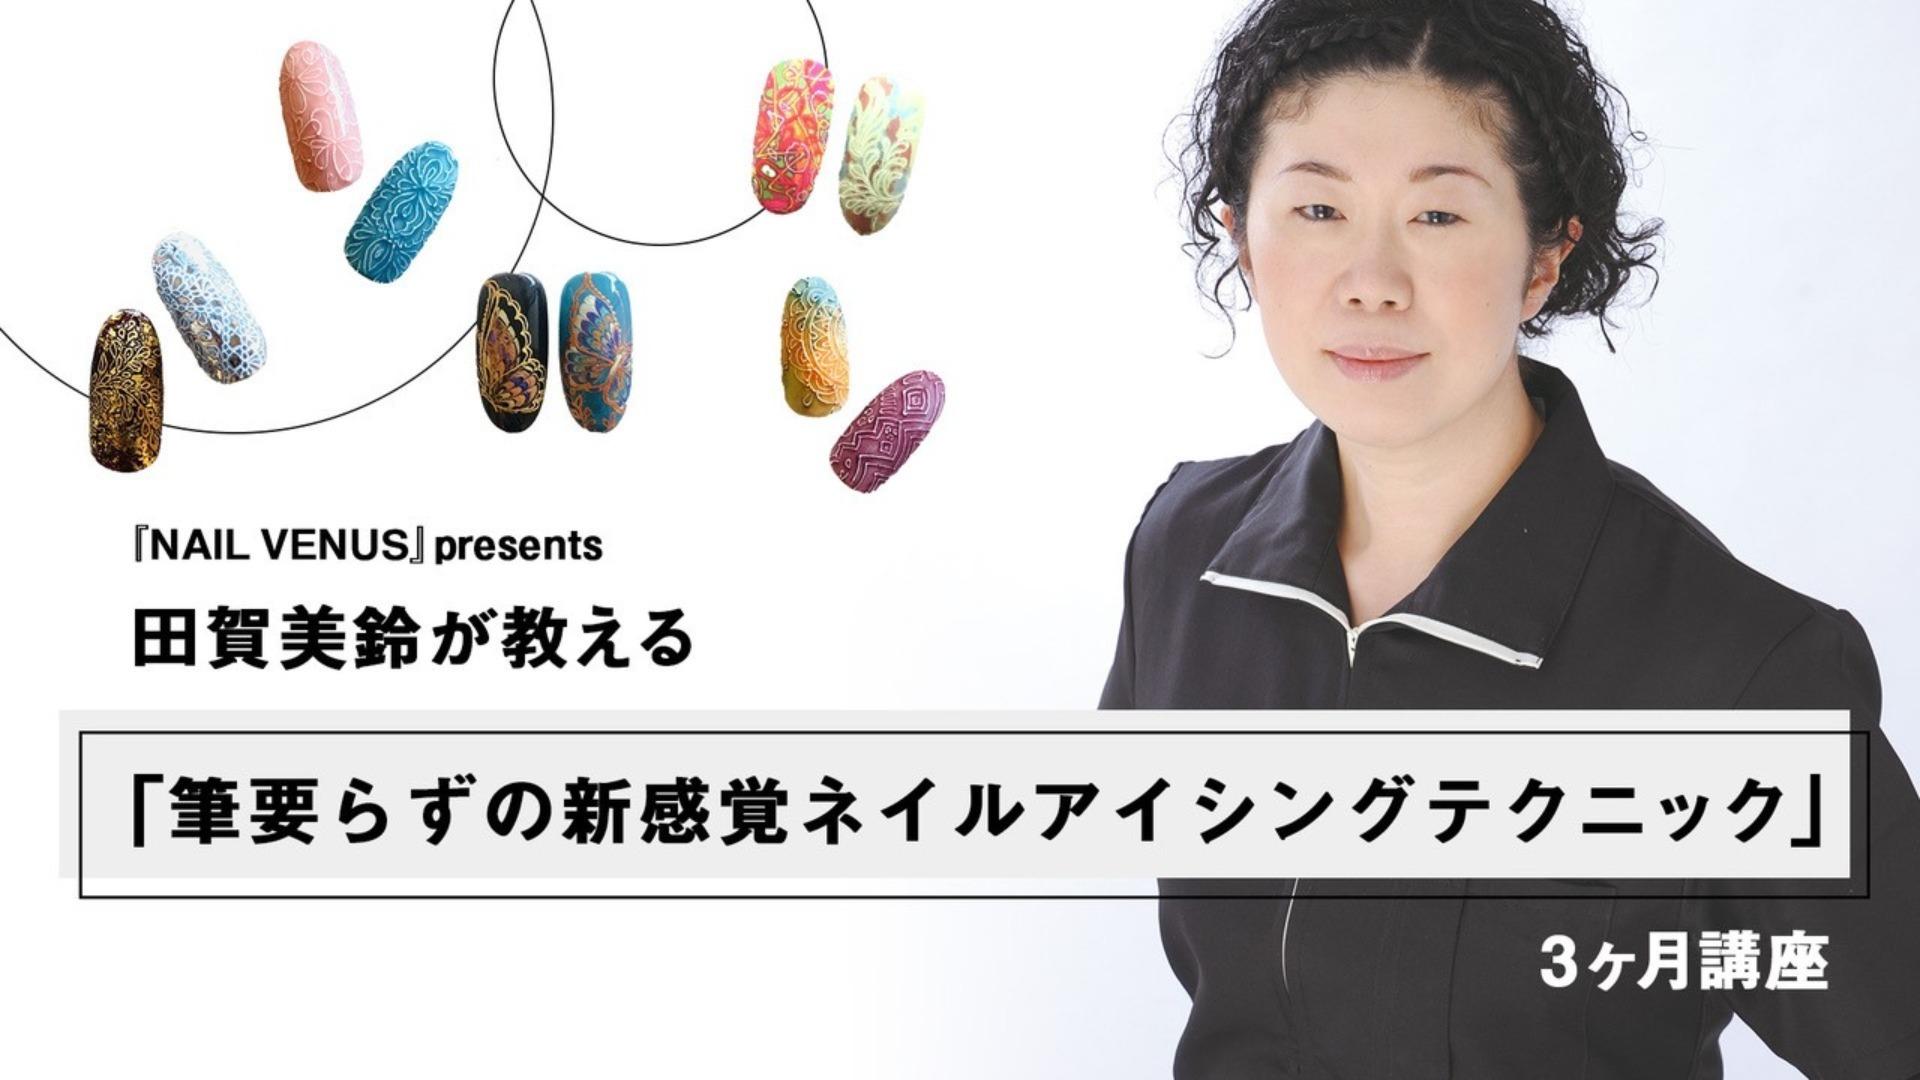 田賀美鈴が教える筆要らずの新感覚ネイル アイシングテクニック3ヵ月講座